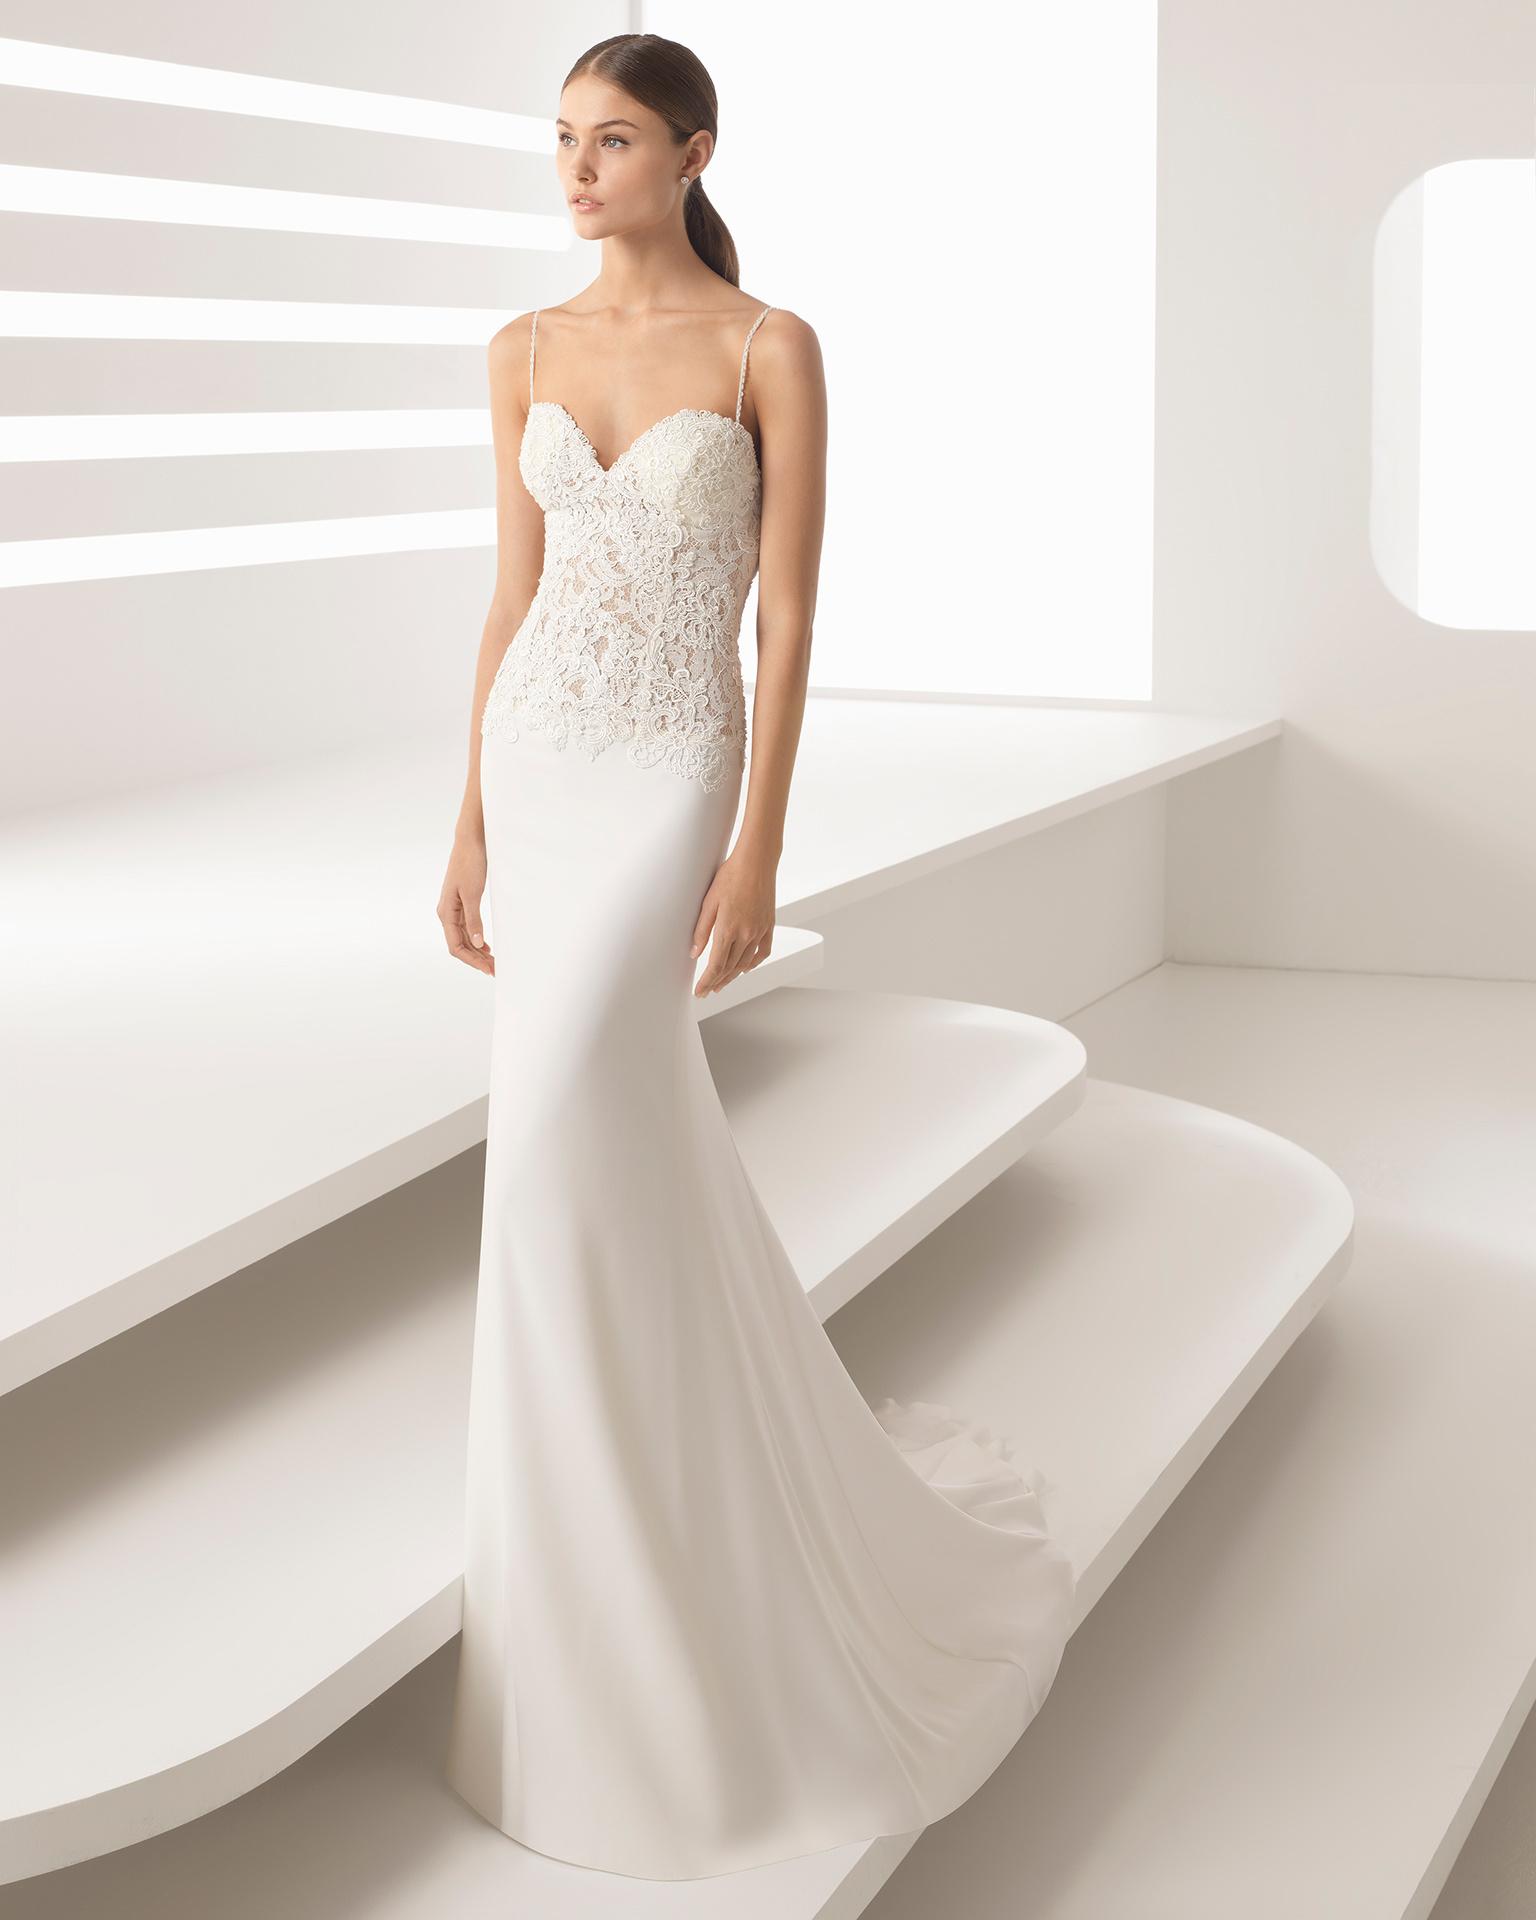 dd4b7495a17 Sweetheart Neckline Chiffon Wedding Dress - Gomes Weine AG